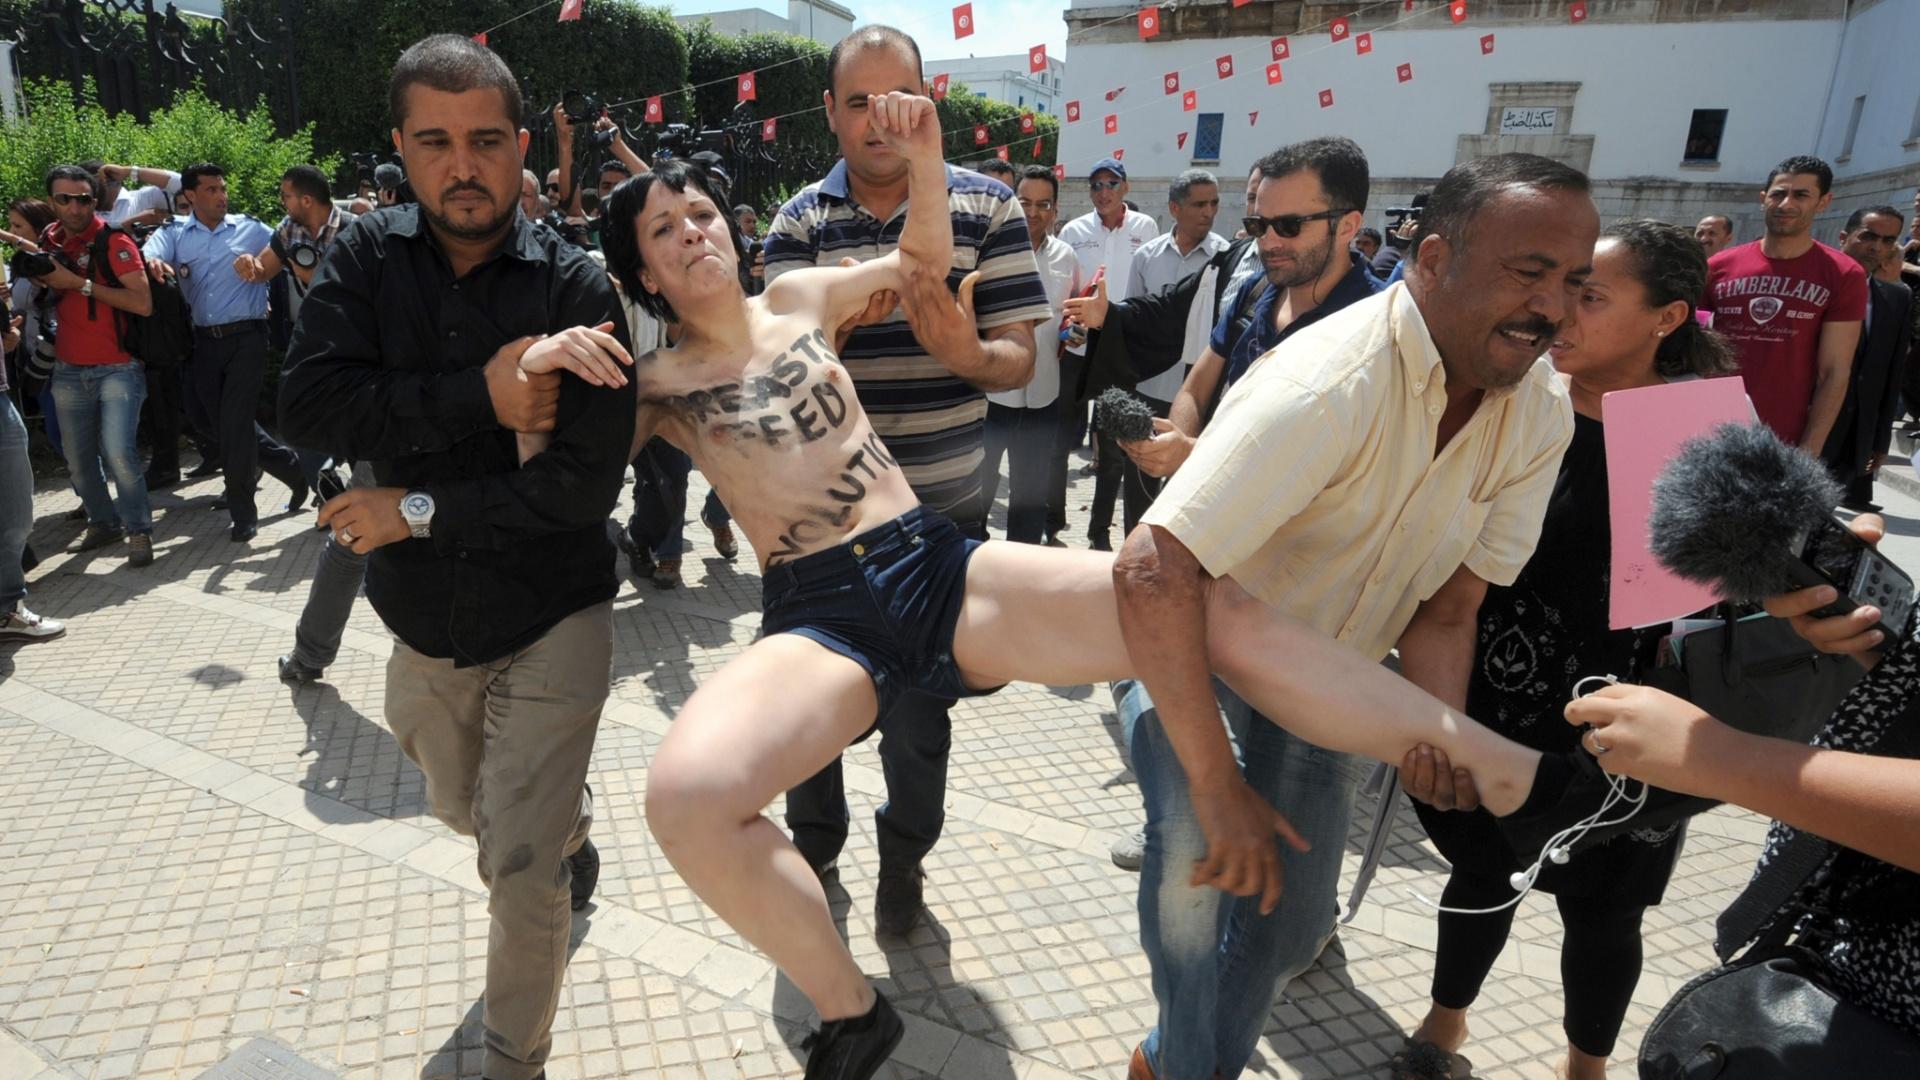 29.mai.2013 - Manifestante do Grupo Femen, que protestou em frente ao Palácio da Justiça em Túnis, capital da Tunísia, é presa. Duas francesas e uma alemã exibiram faixas com os dizeres